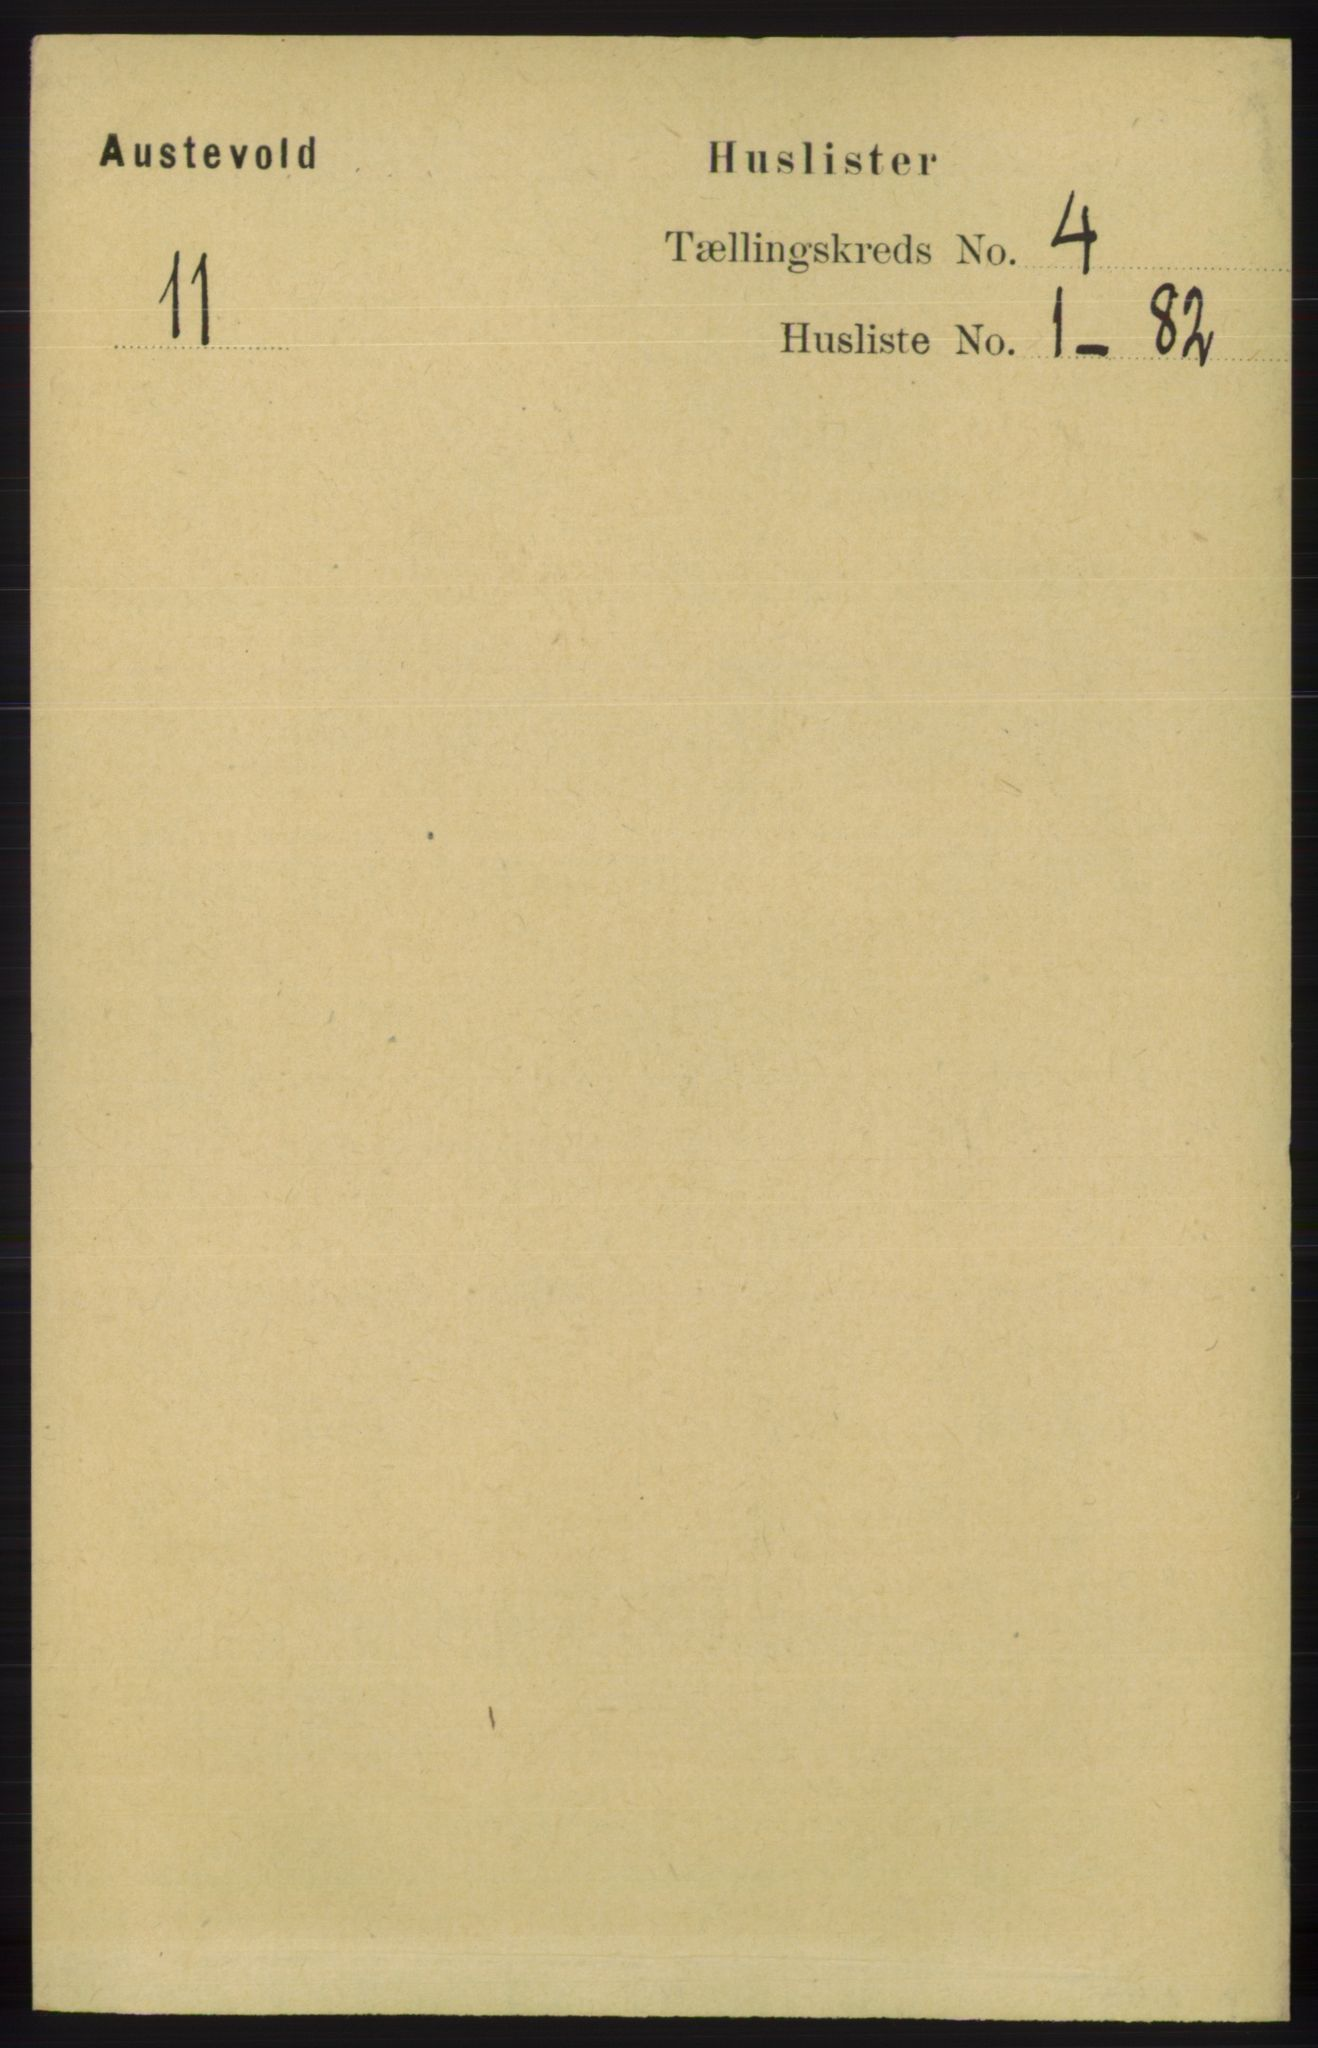 RA, Folketelling 1891 for 1244 Austevoll herred, 1891, s. 1330